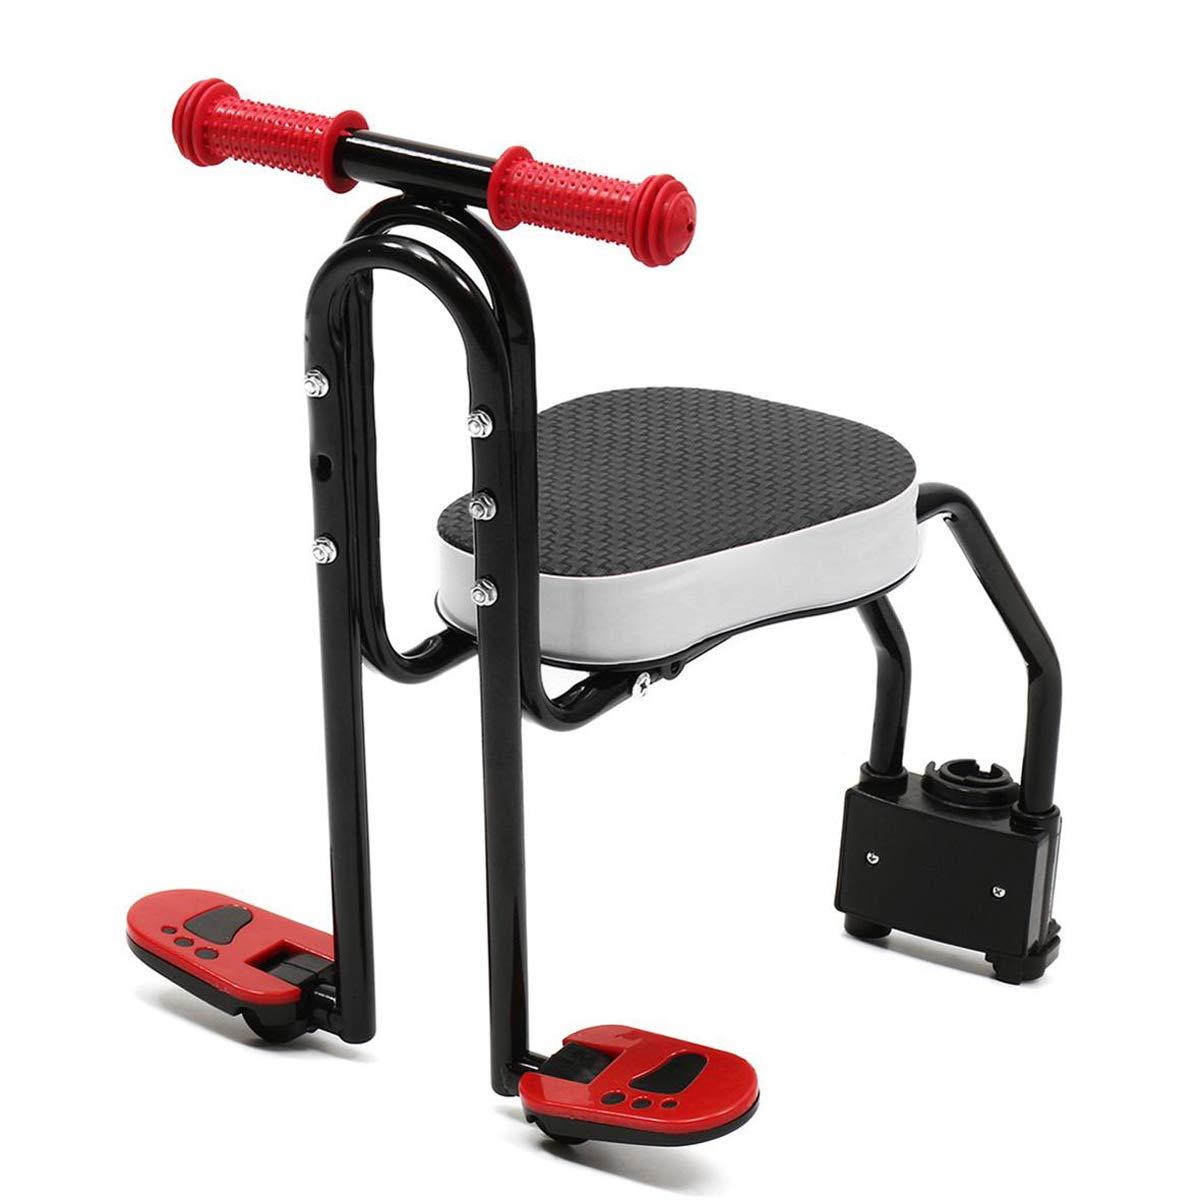 COEWSKE Asiento de Bicicleta para Ni/ños Asiento Delantero de la Sill/ín Asiento de Bicicleta Plegable con Reposabrazos y Pedal para Ni/ños de 3 a 6 A/ños de Edad